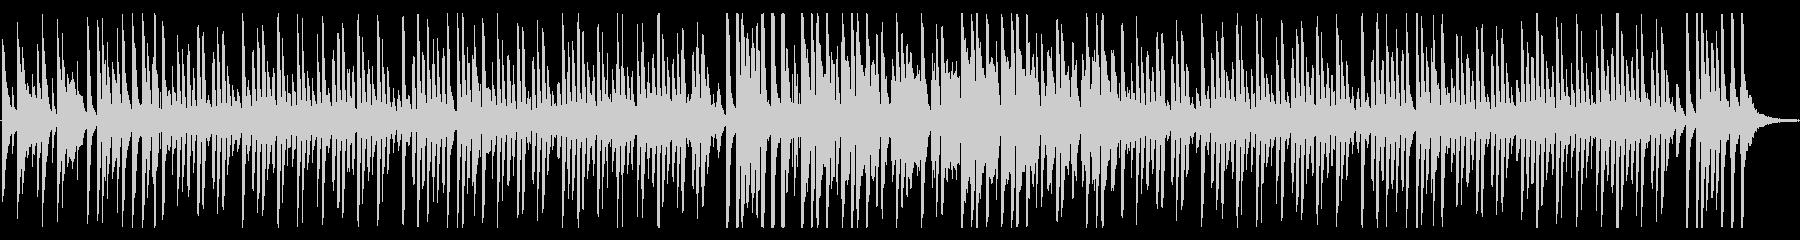 ほのぼの日常、コミカルでルンルンな曲Aの未再生の波形